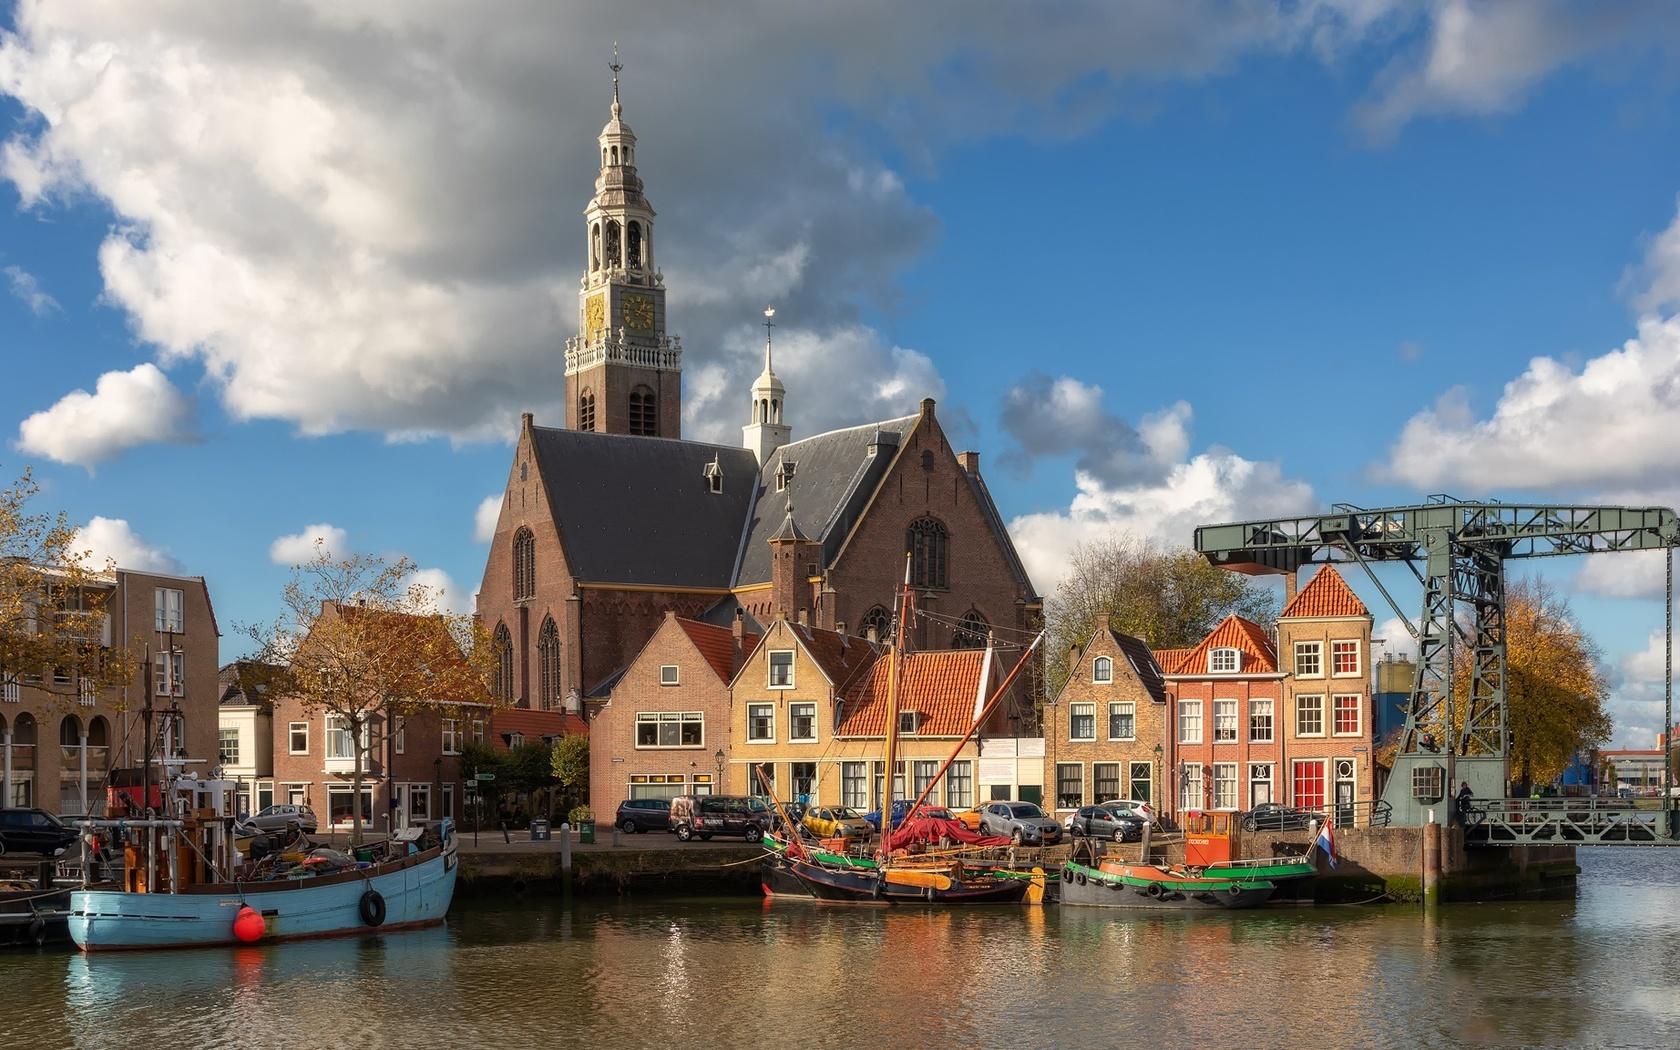 голландия, город, дома, нидерланды, гавань, масслёйс, лодки, облака